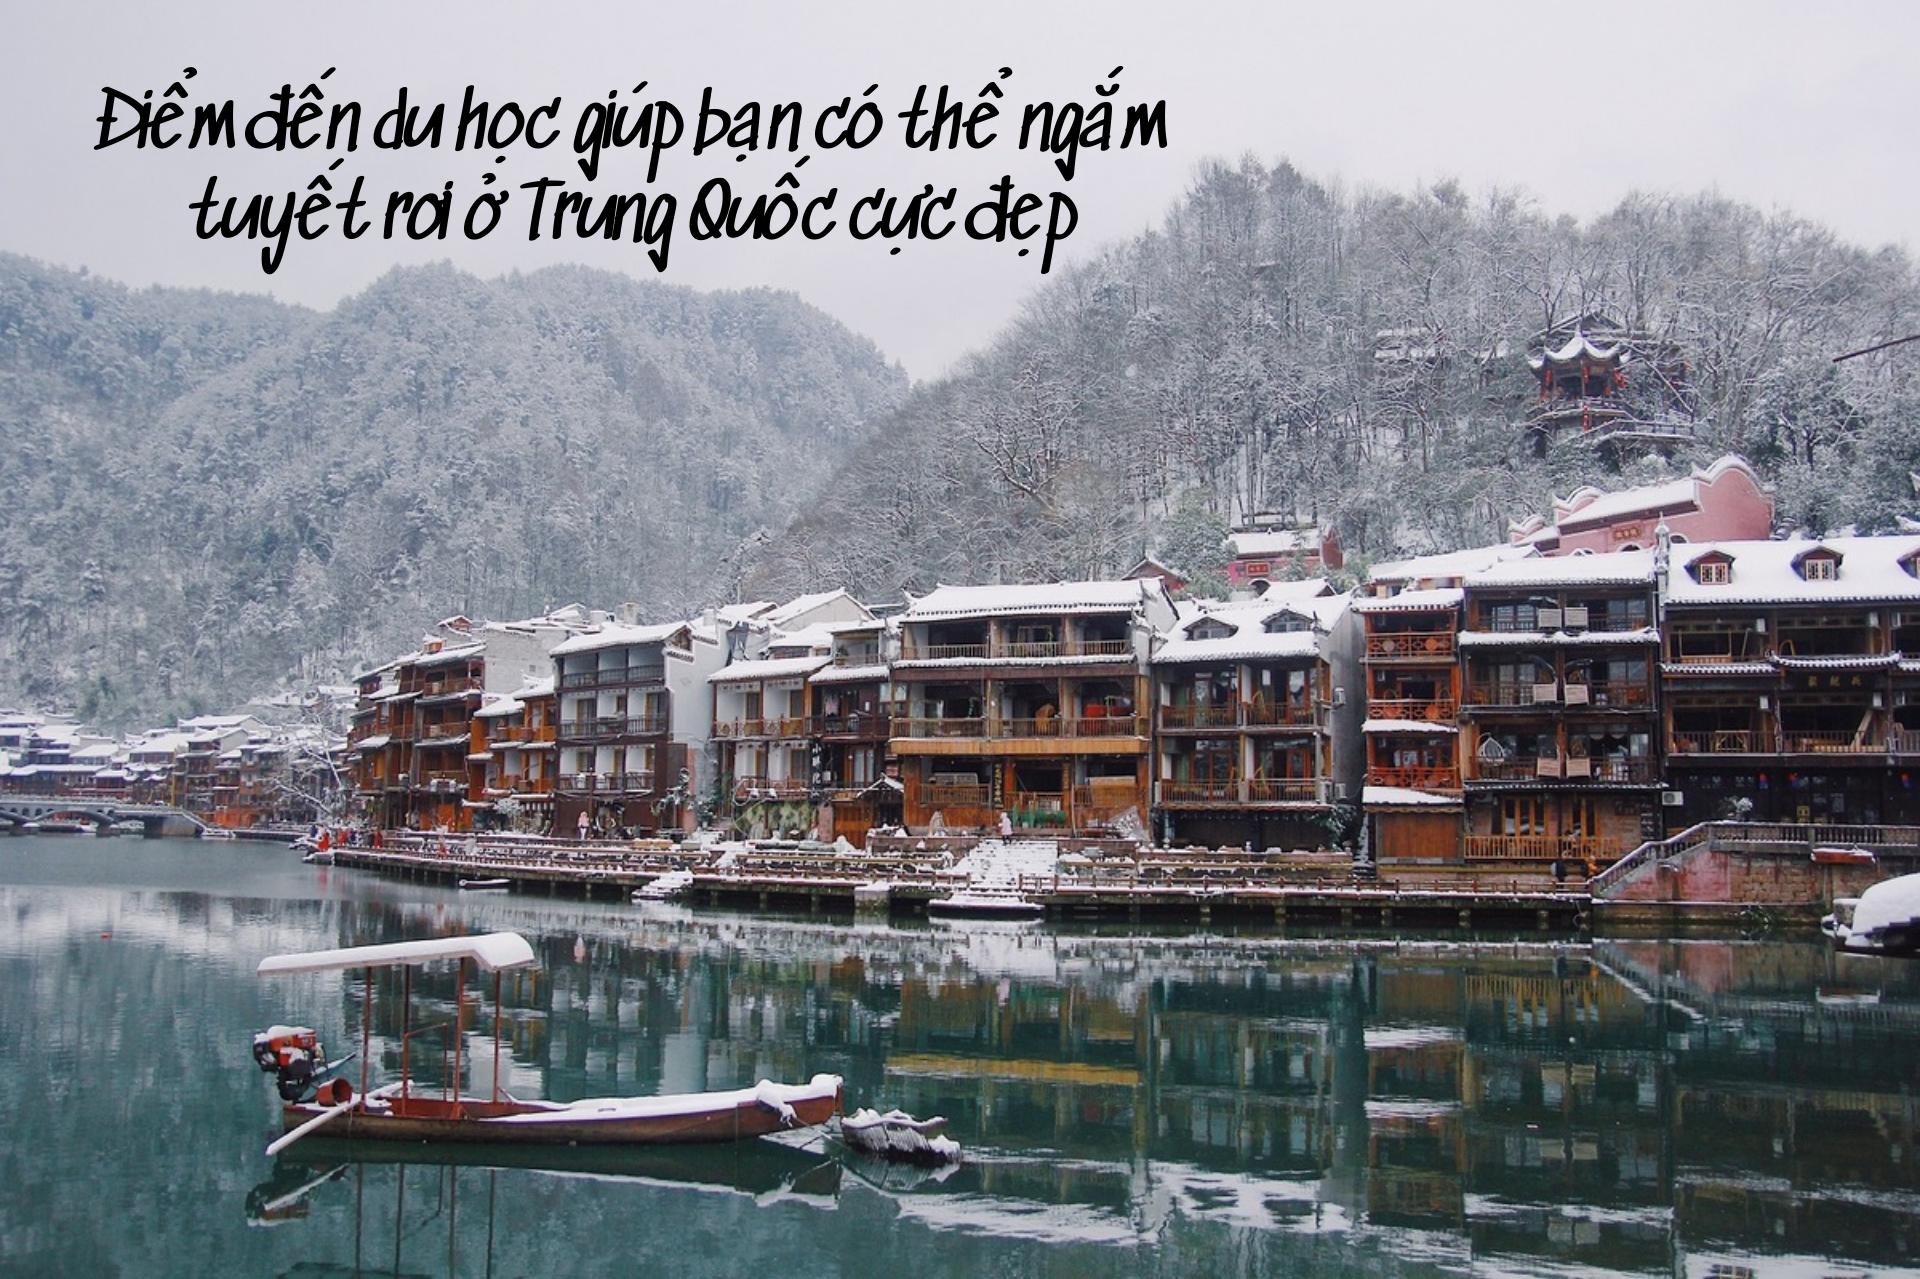 Diểm Dến Du Học Giúp Bạn Có Thể Ngắm Tuyết Rơi Ở Trung Quốc Cực Dẹp 2021